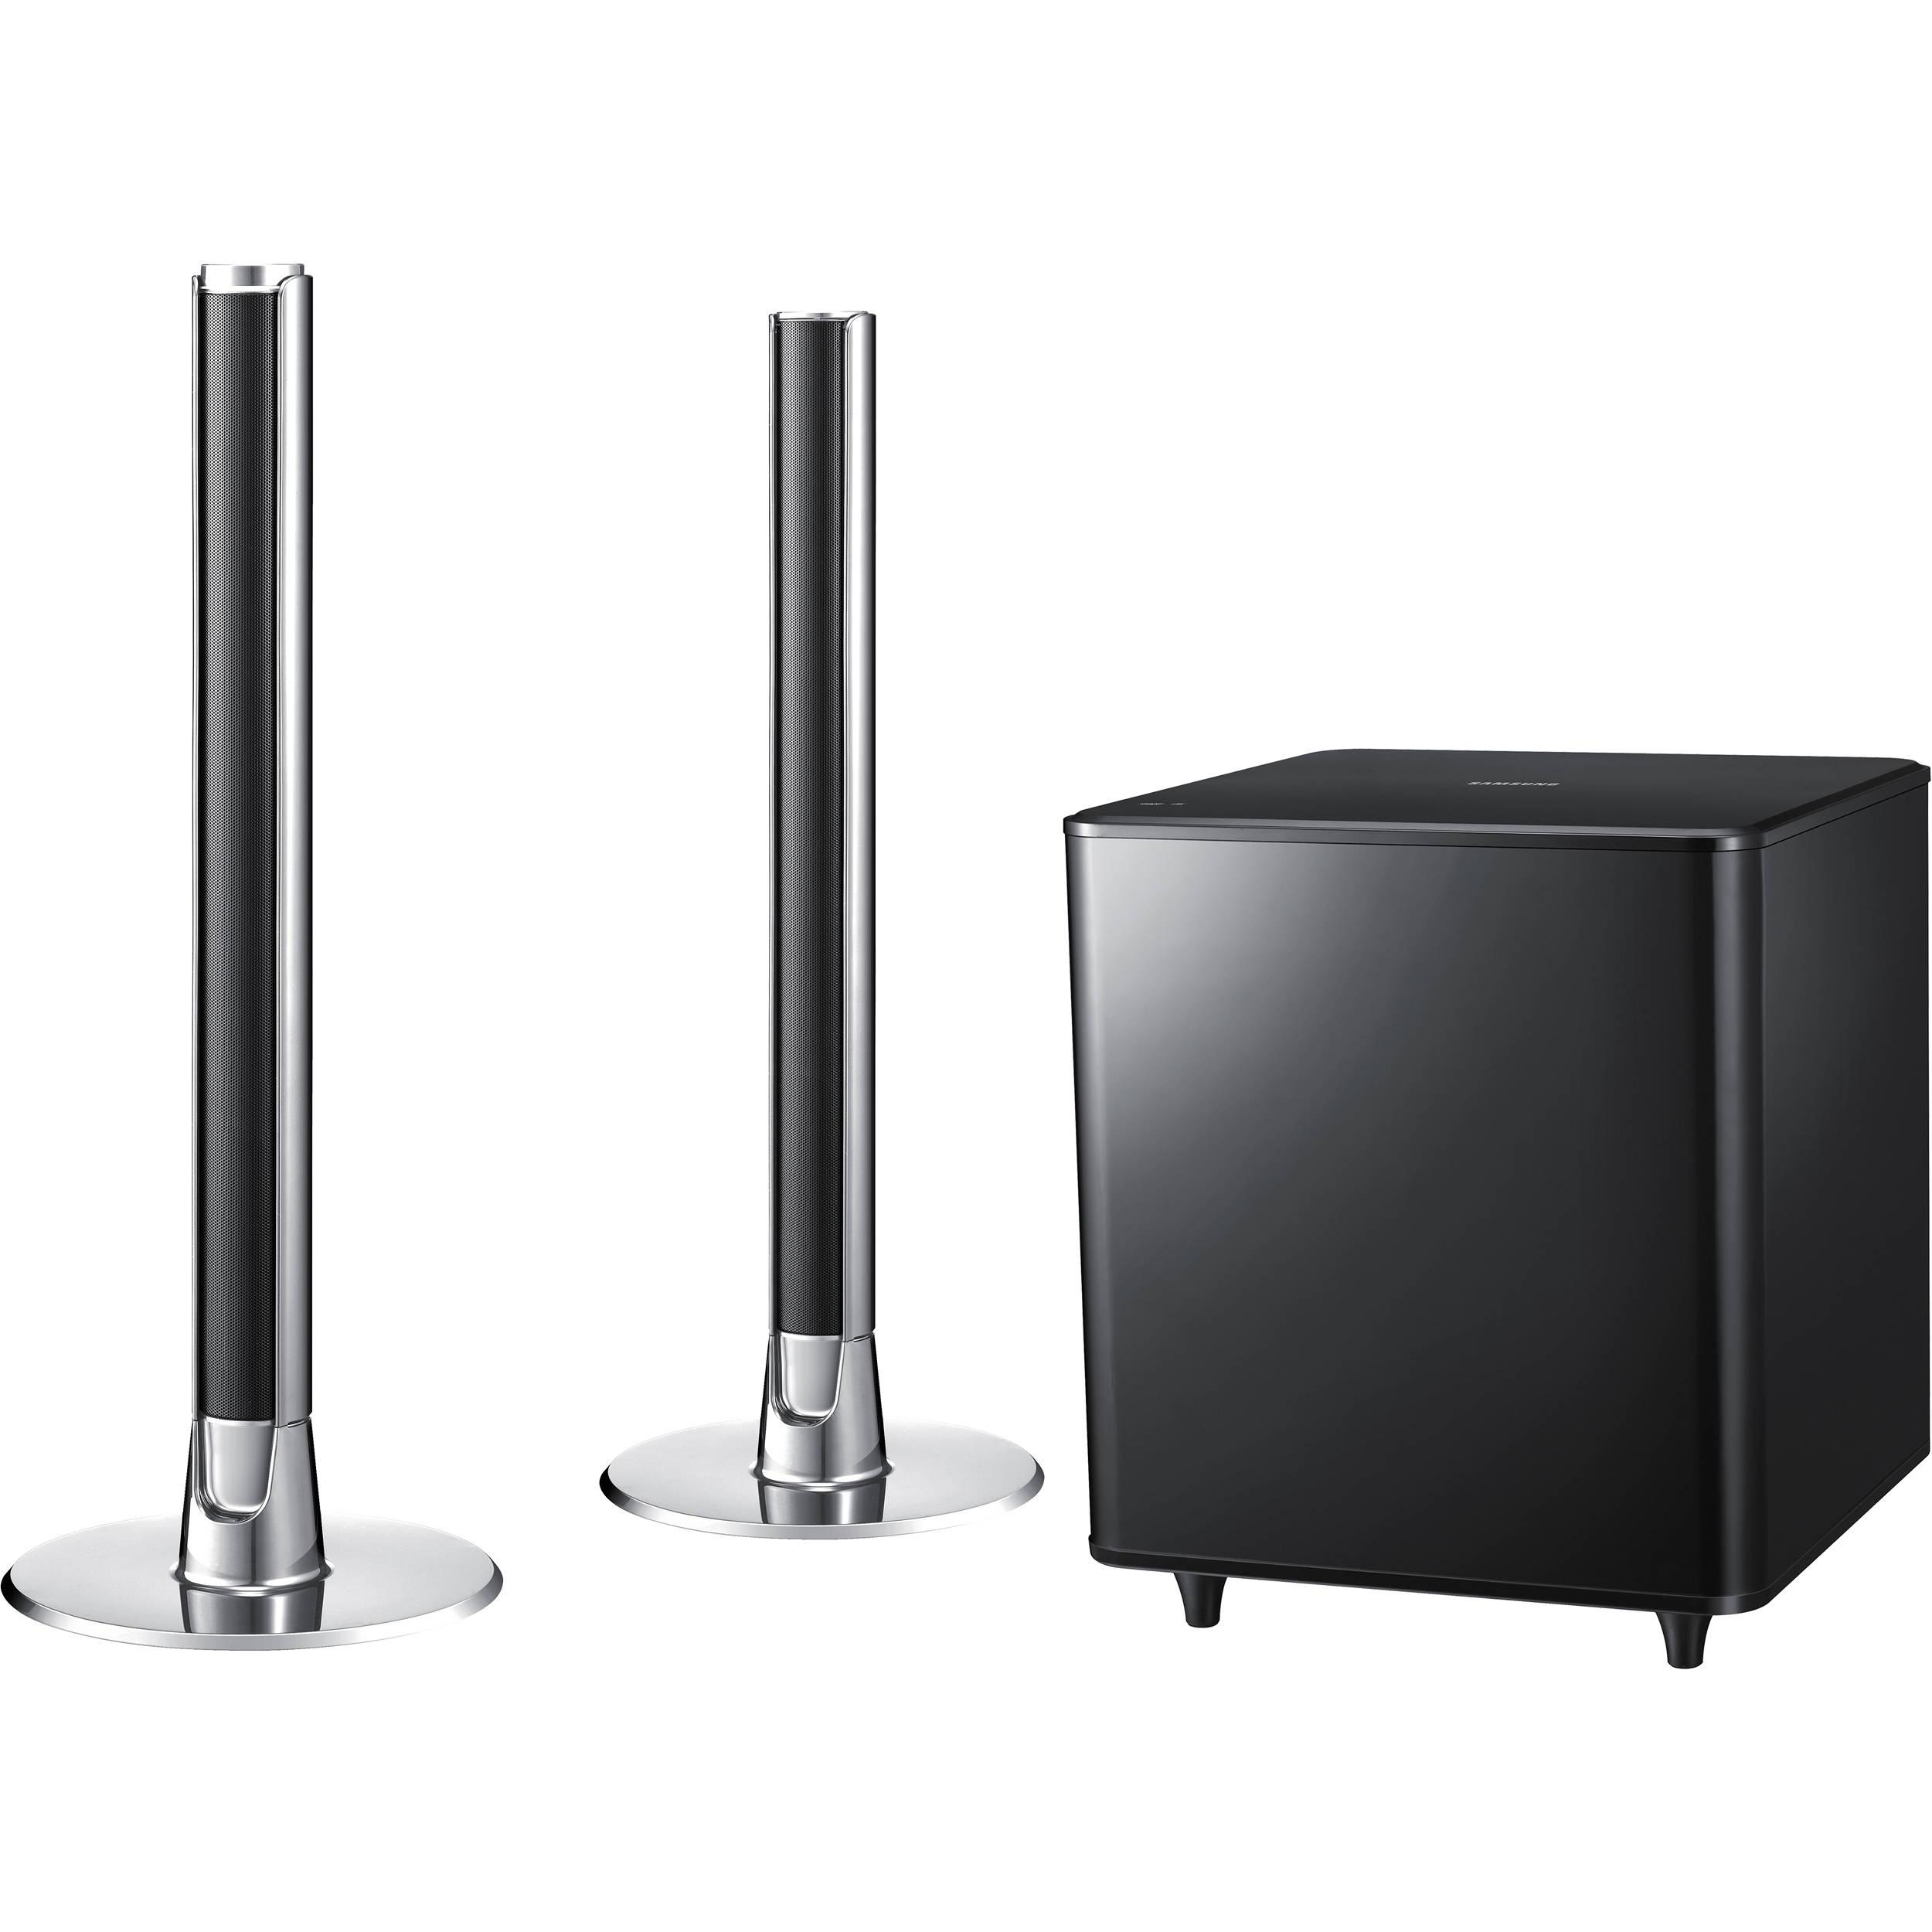 Samsung Hw E551 Home Theater Speaker System Hw E551 B H Photo